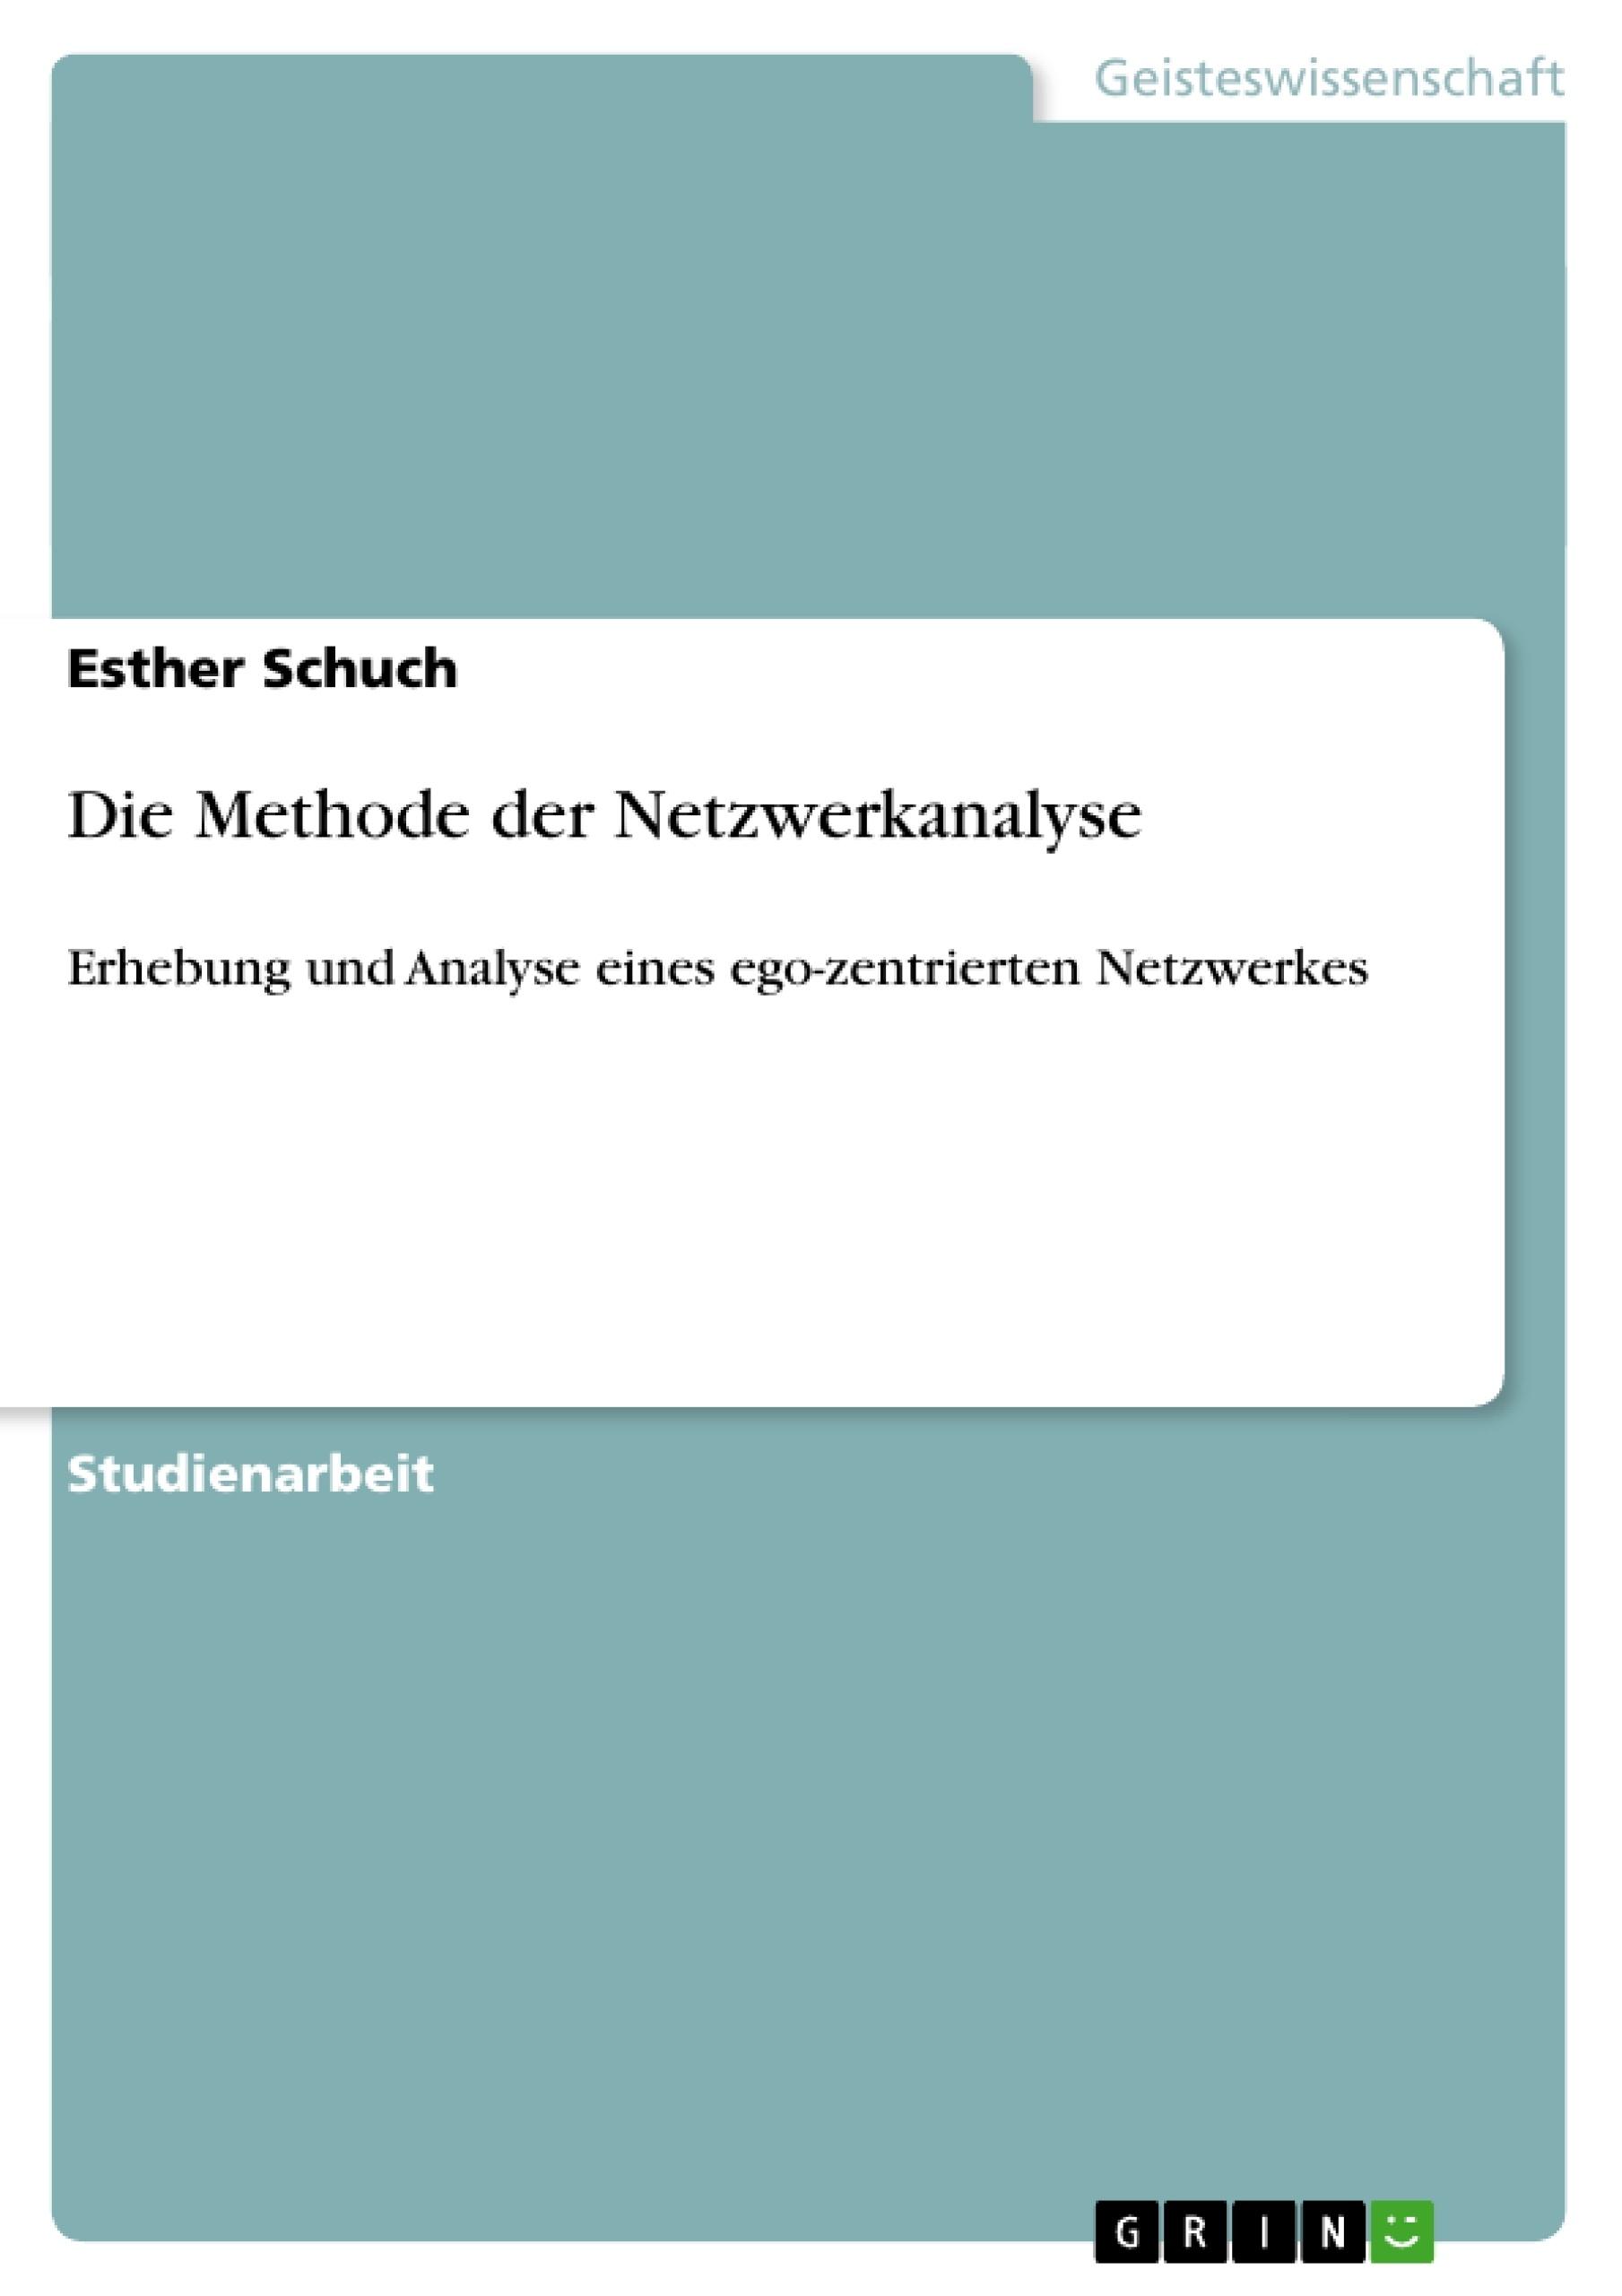 Titel: Die Methode der Netzwerkanalyse